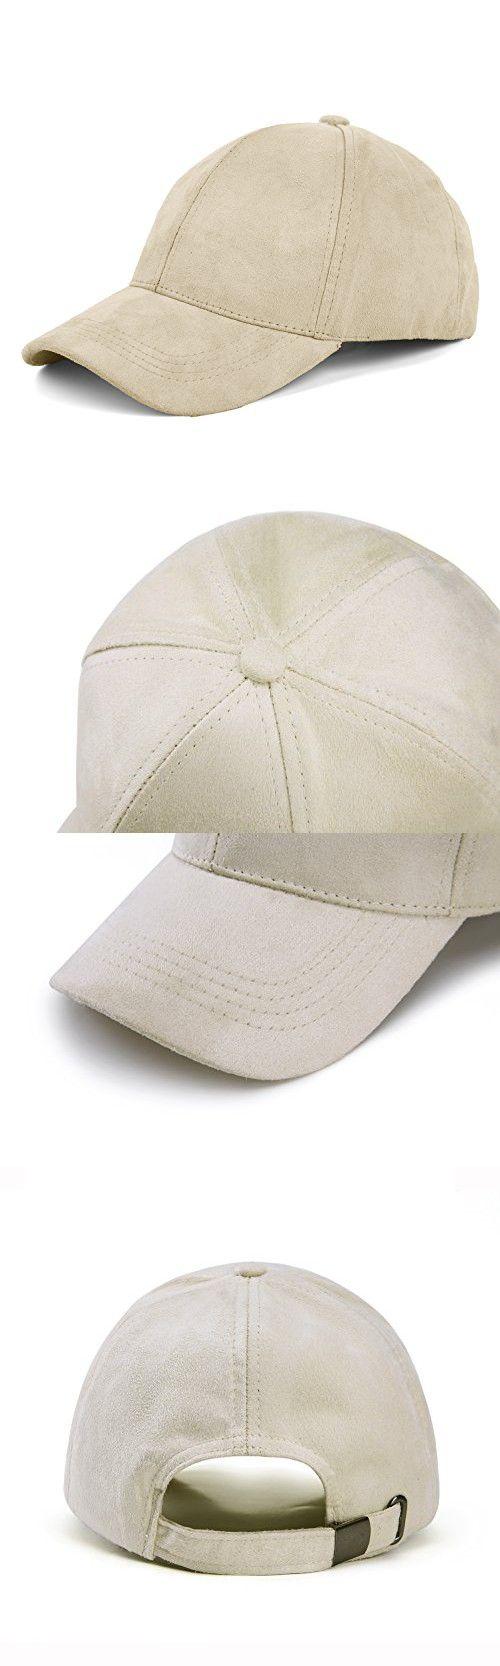 916e122ff4e JOOWEN 6 Panel Faux Suede Baseball Cap Classic Adjustable Soft Plain Hat  (Beige)